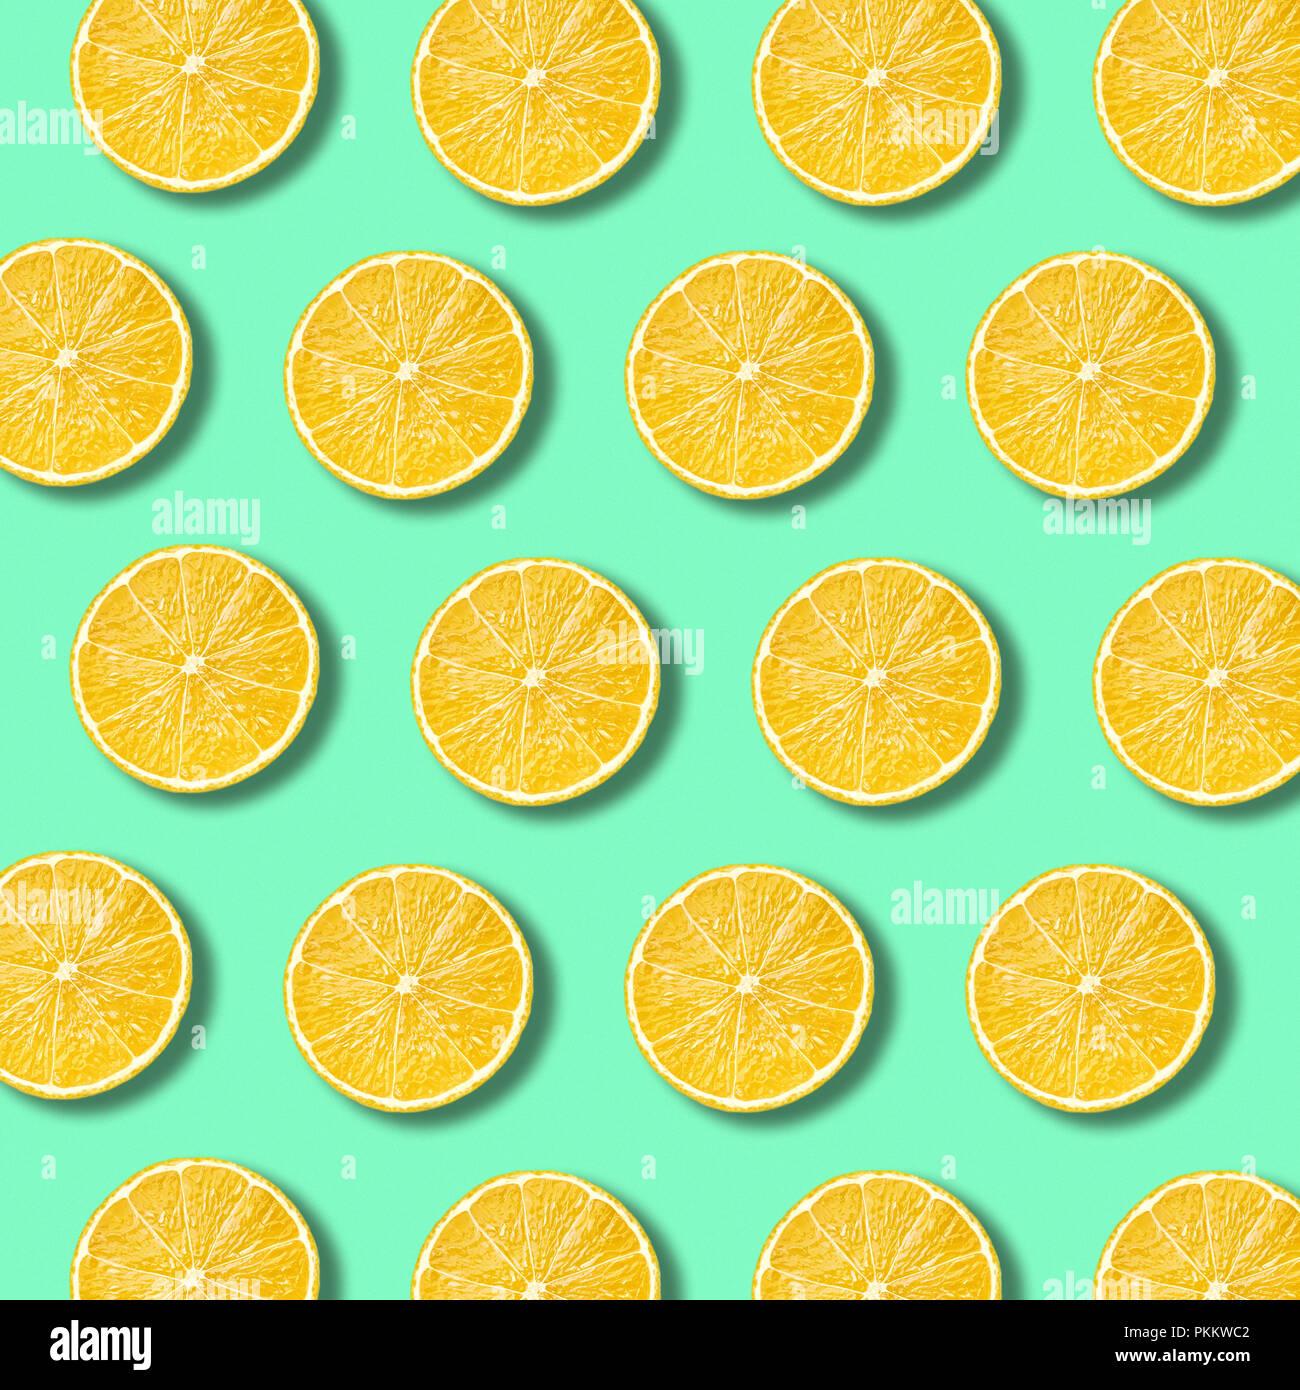 Zitronenscheiben Muster auf Licht leuchtende grüne Farbe Hintergrund. Minimale flach Essen Textur Stockfoto